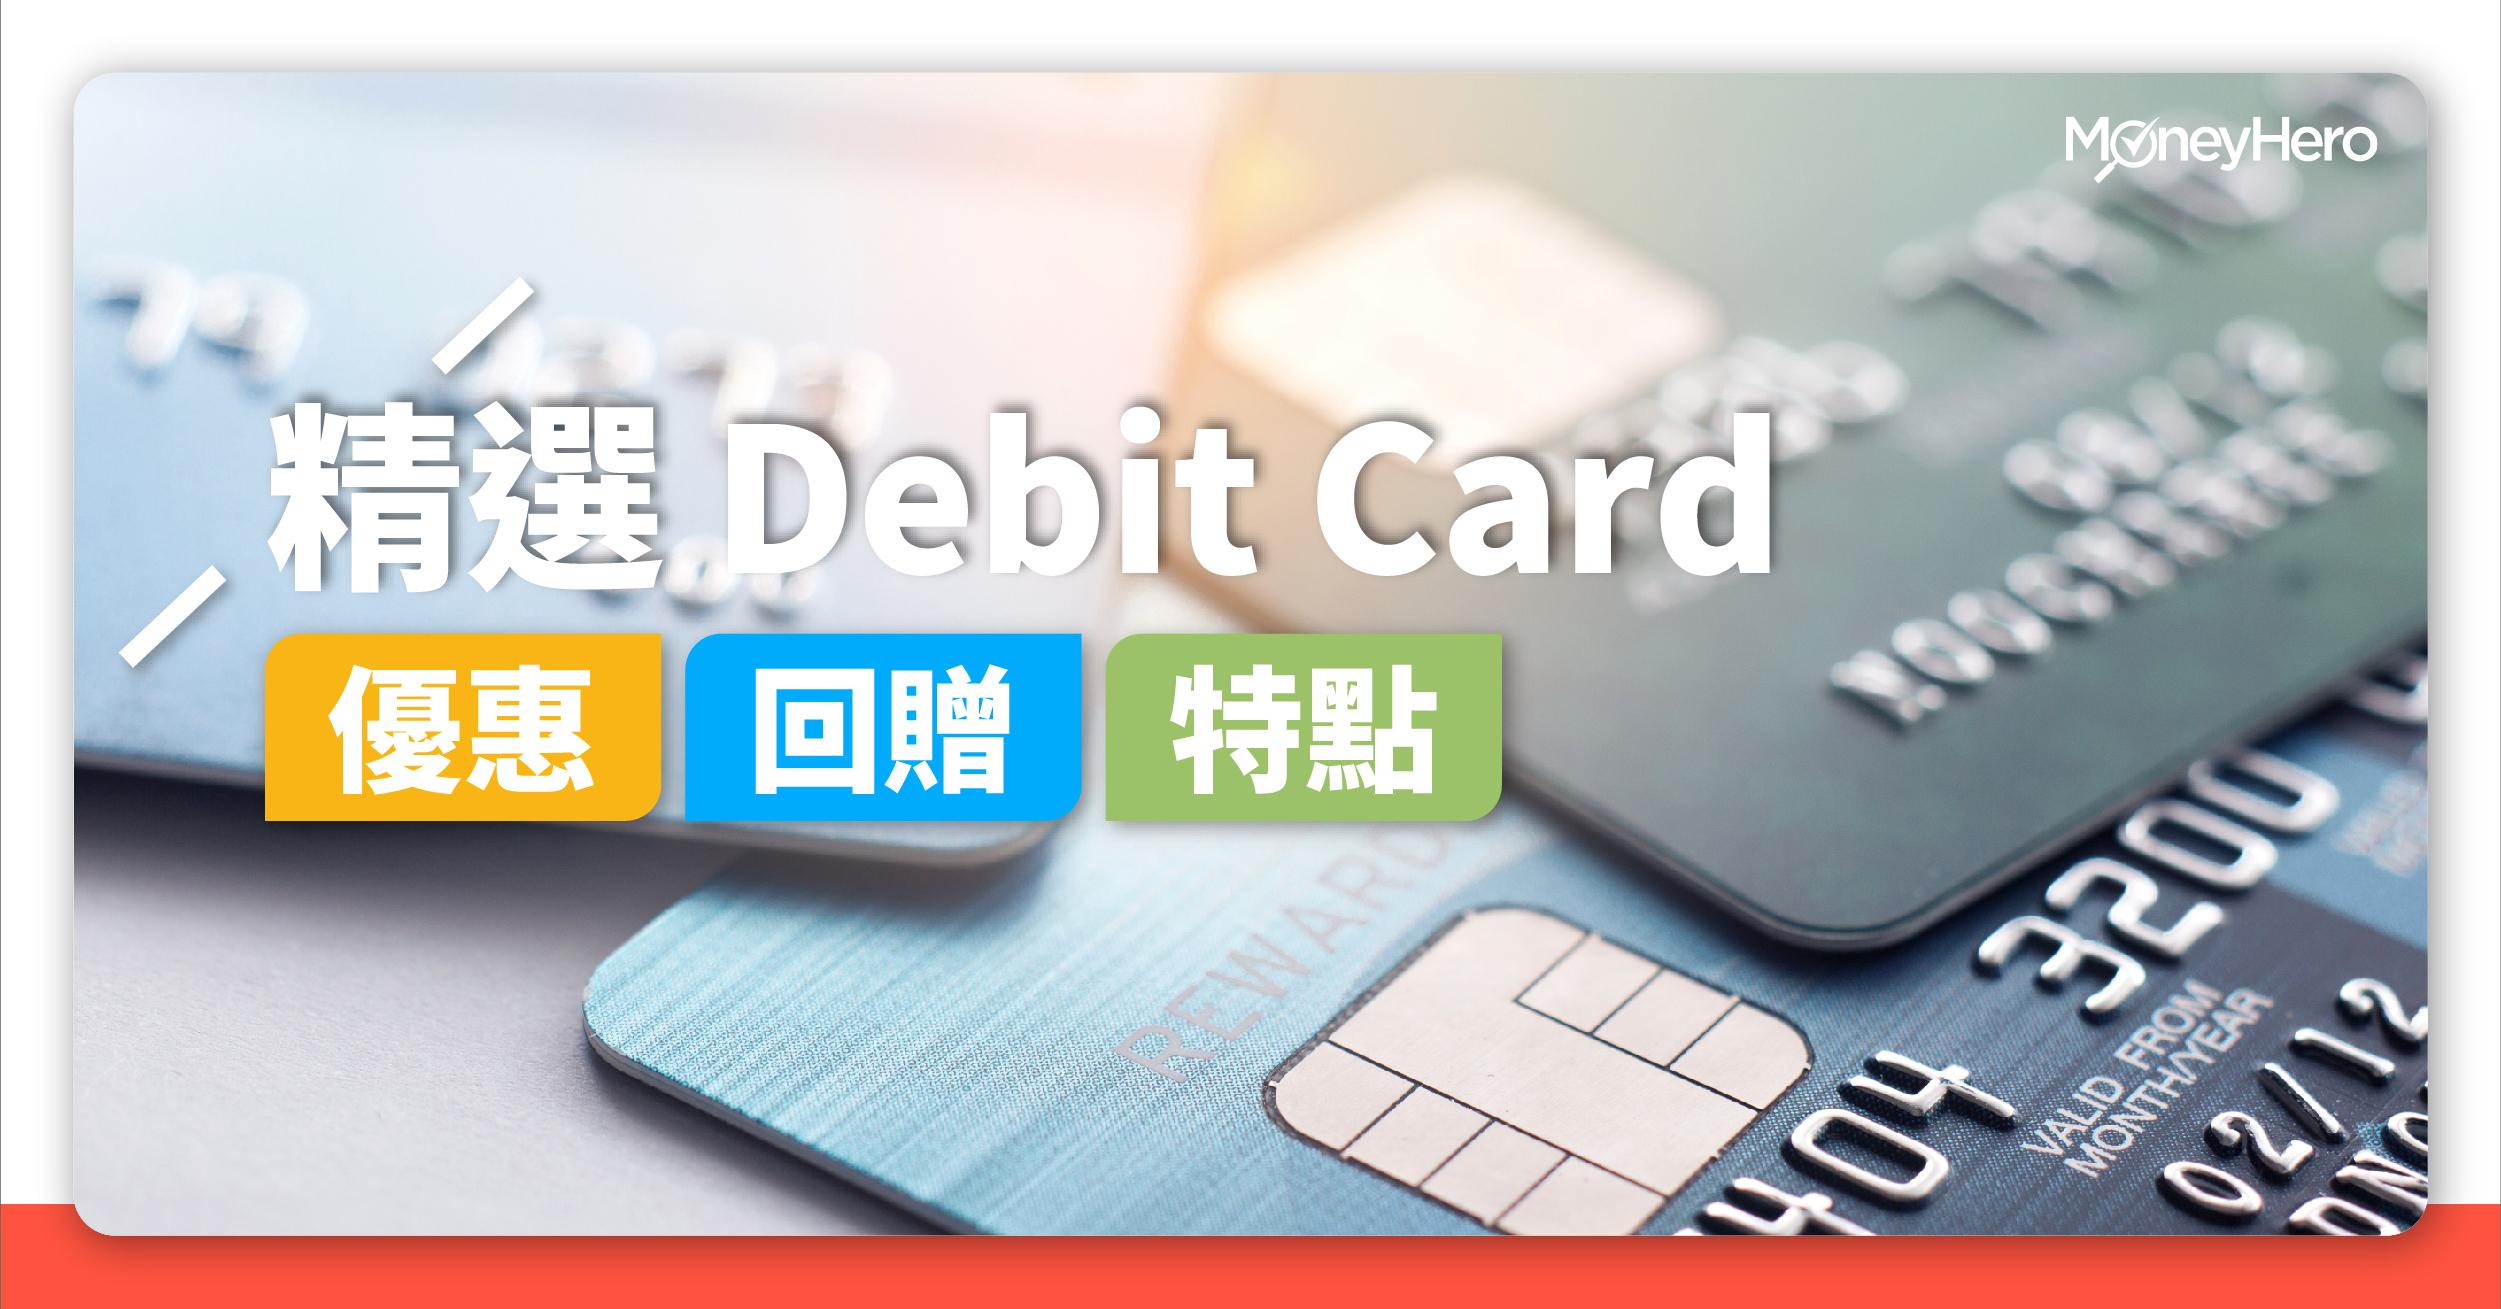 精選 Debit Card 優惠 回贈 特點